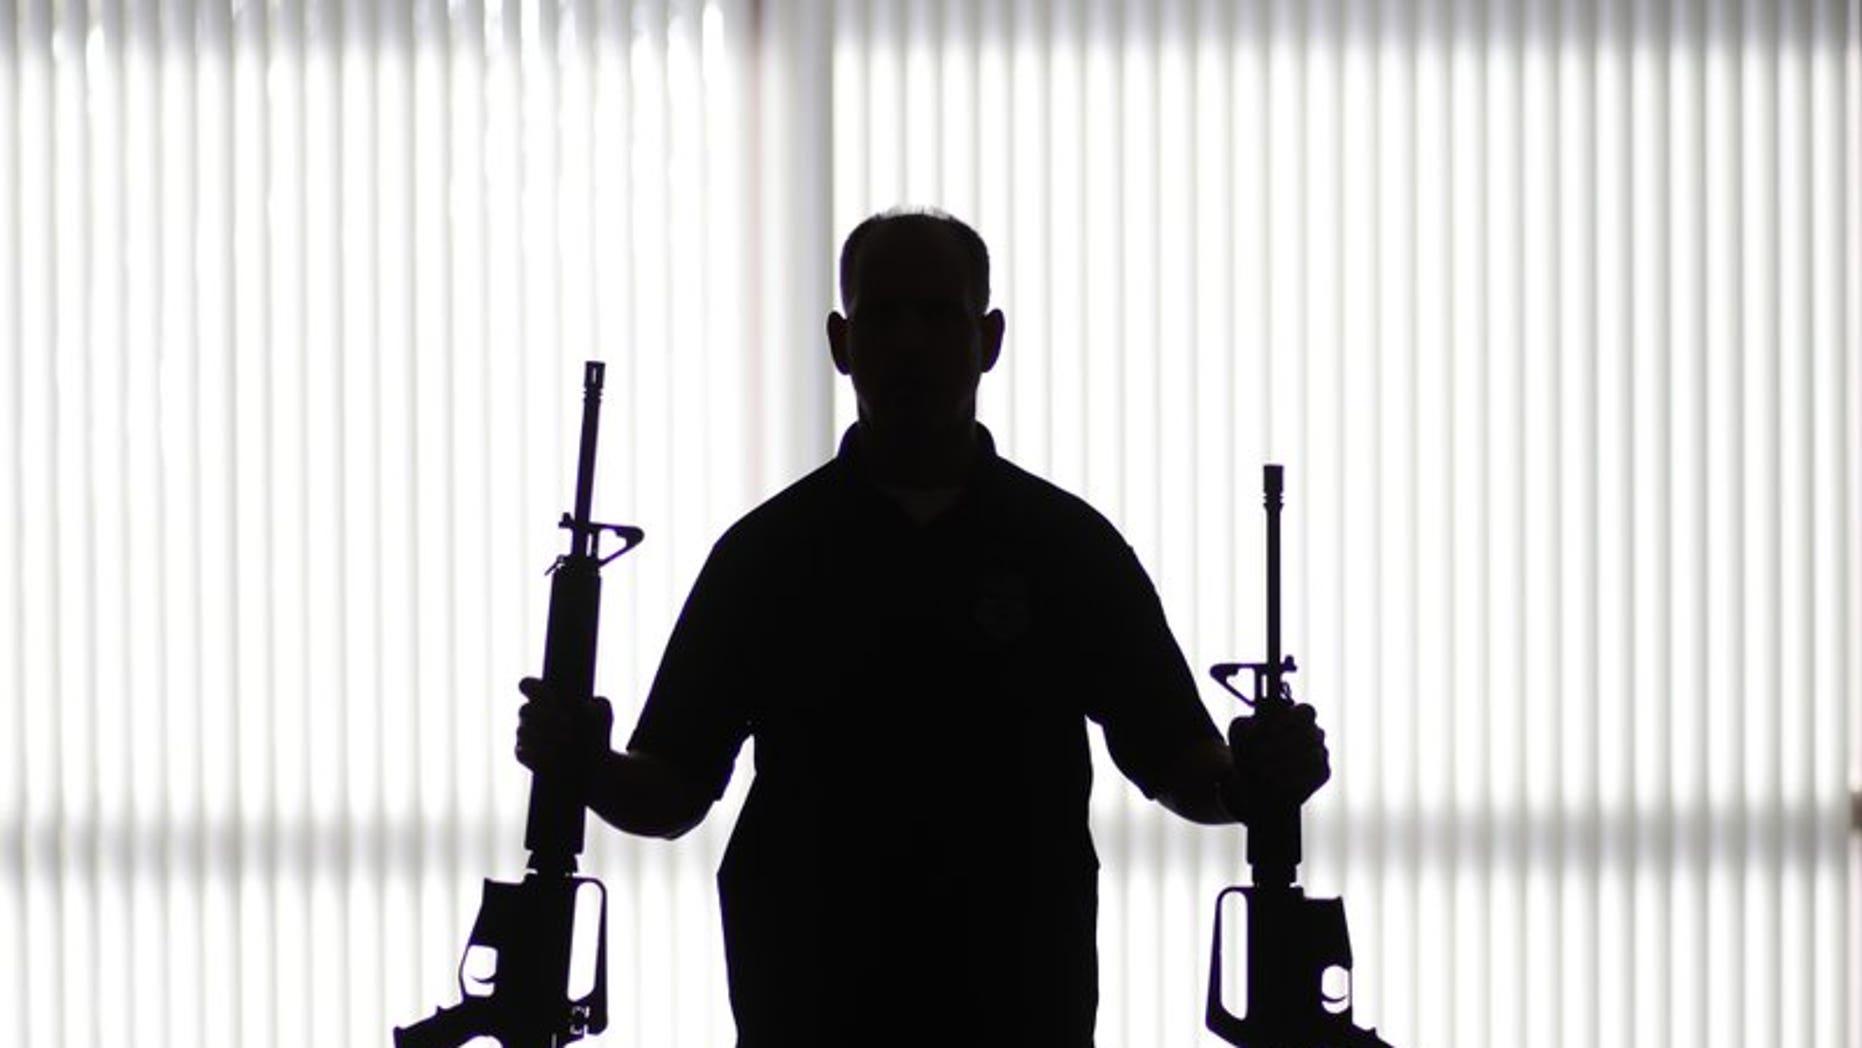 Ghost gun' kits targeted by anti-gun group | Fox News